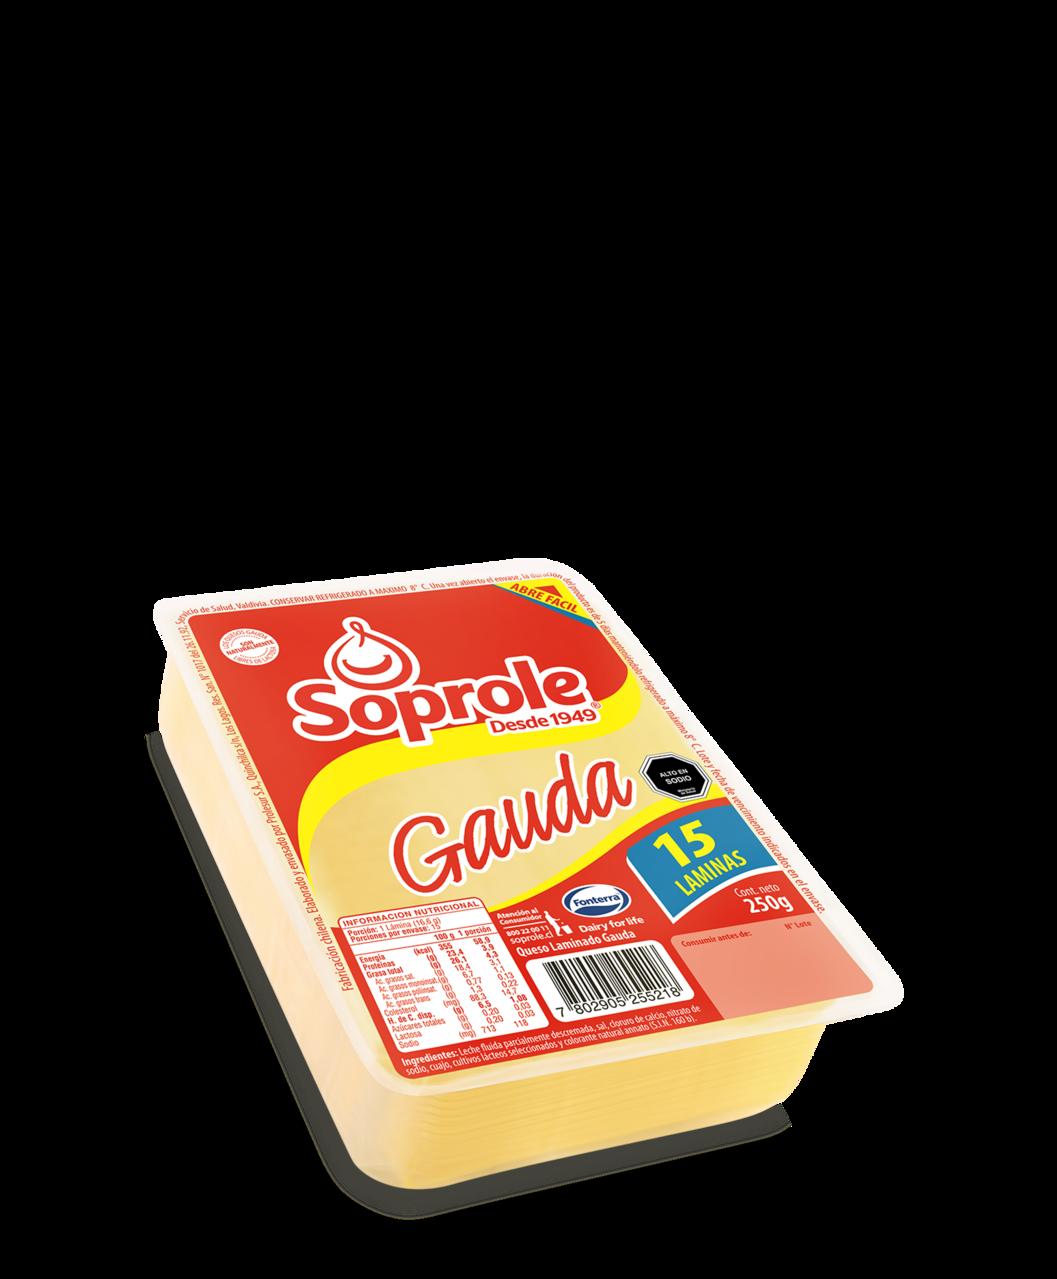 Soprole gauda queso laminado 250g